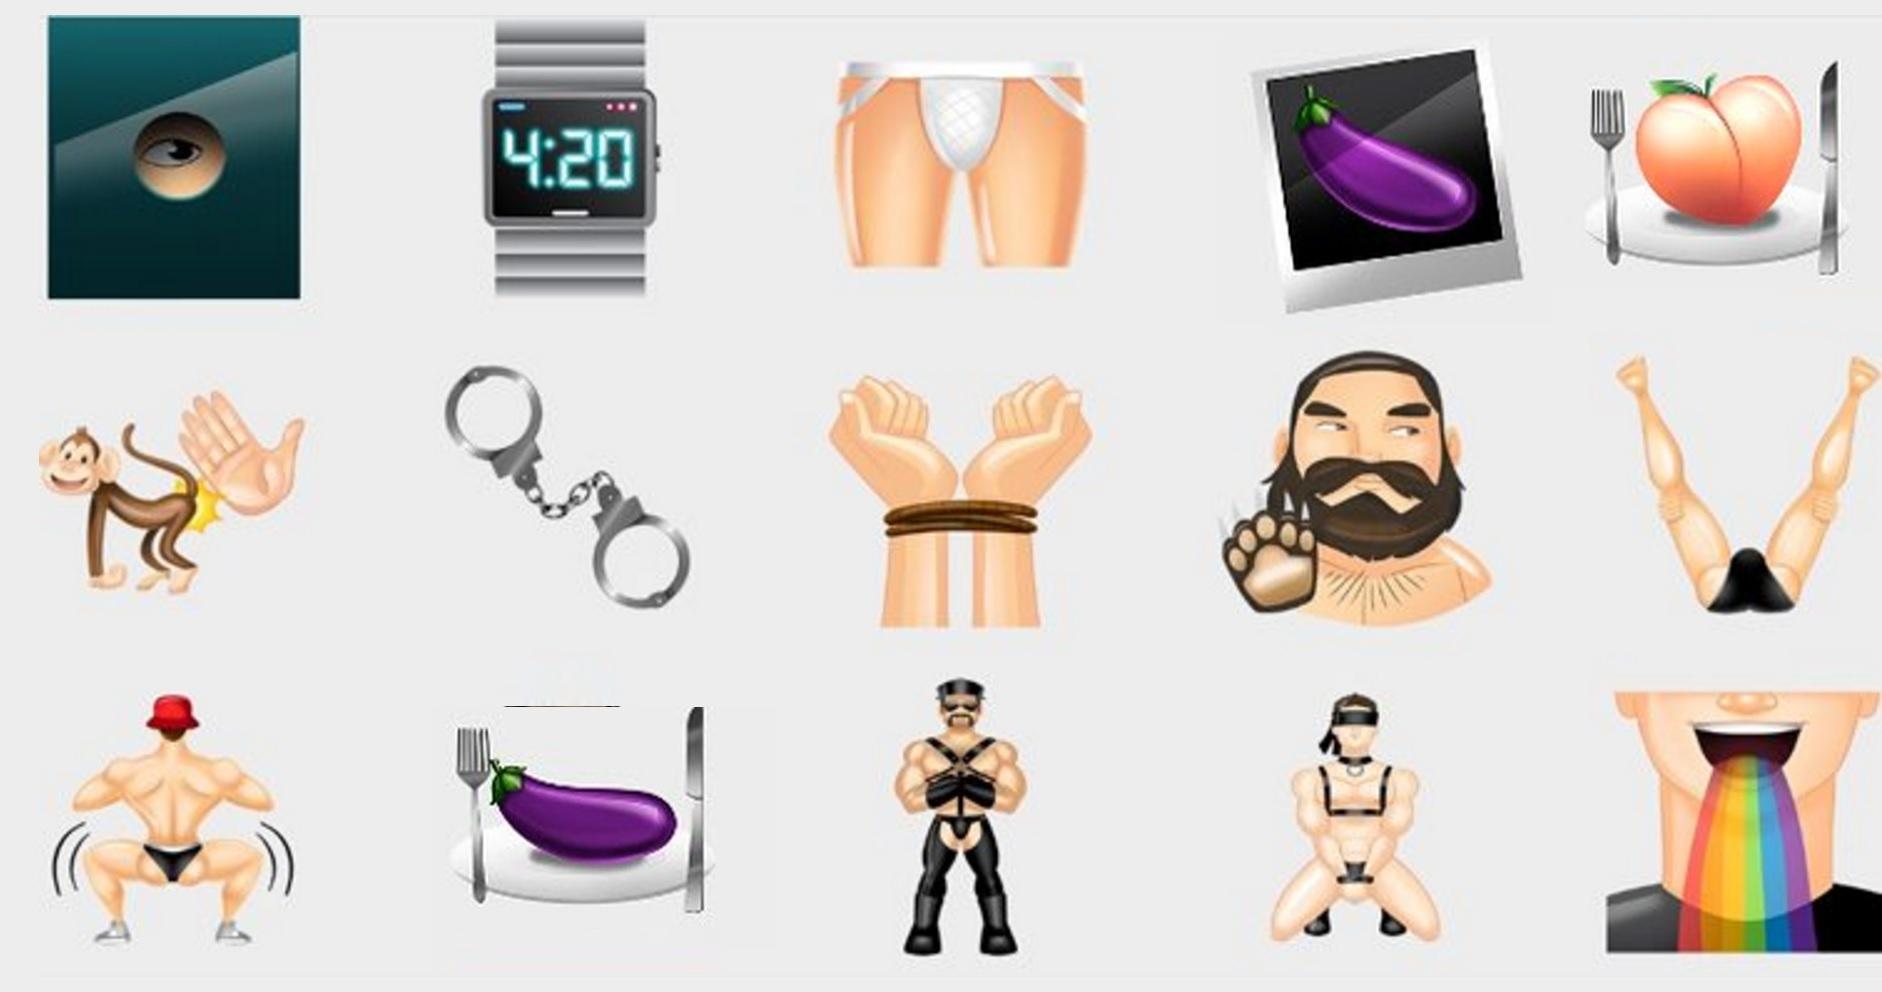 gay rencontres jeux pour Android datant de la feuille de calcul d'enregistrement fossile